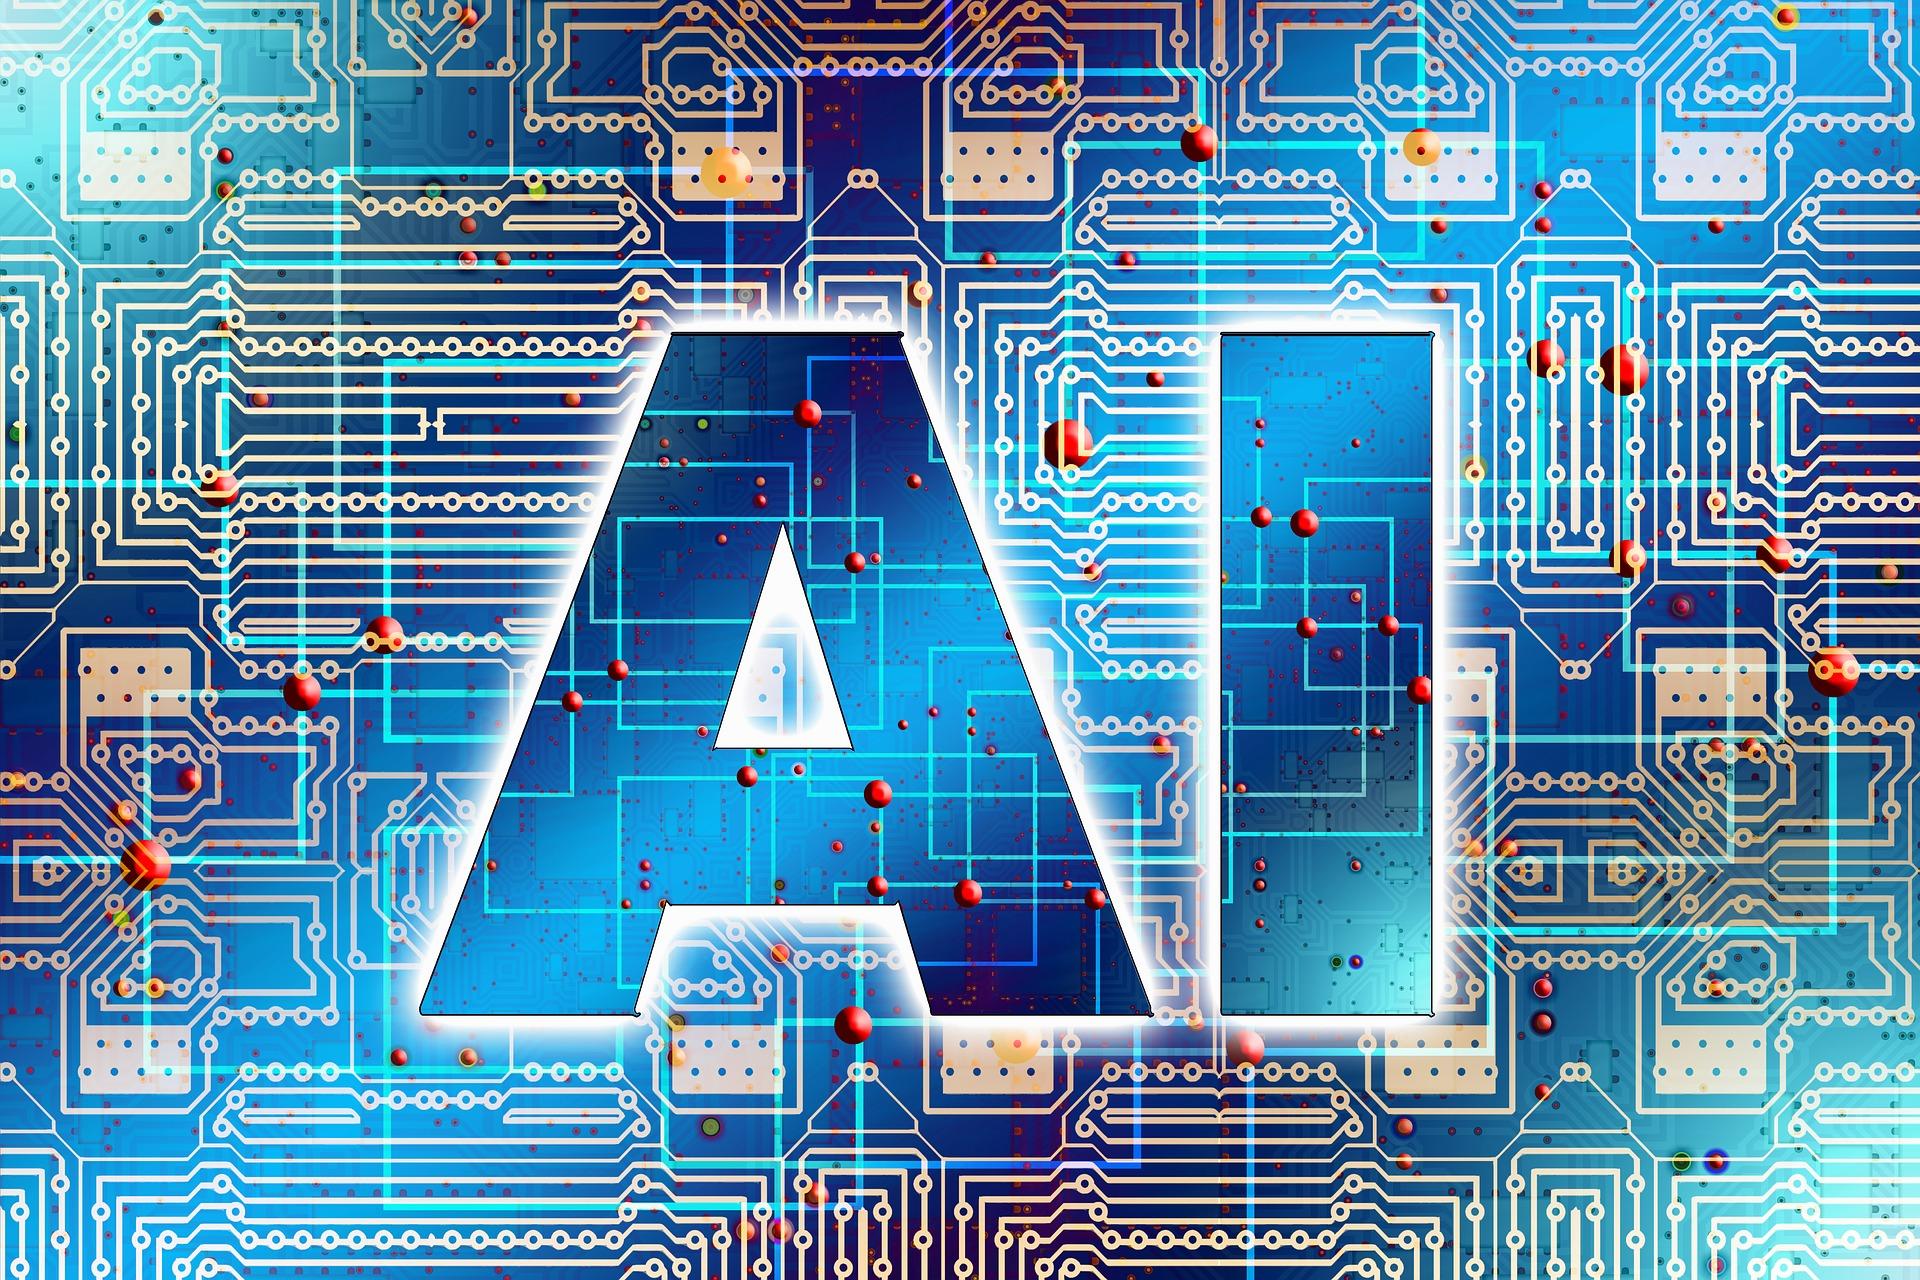 Les Évolutions de l'IA